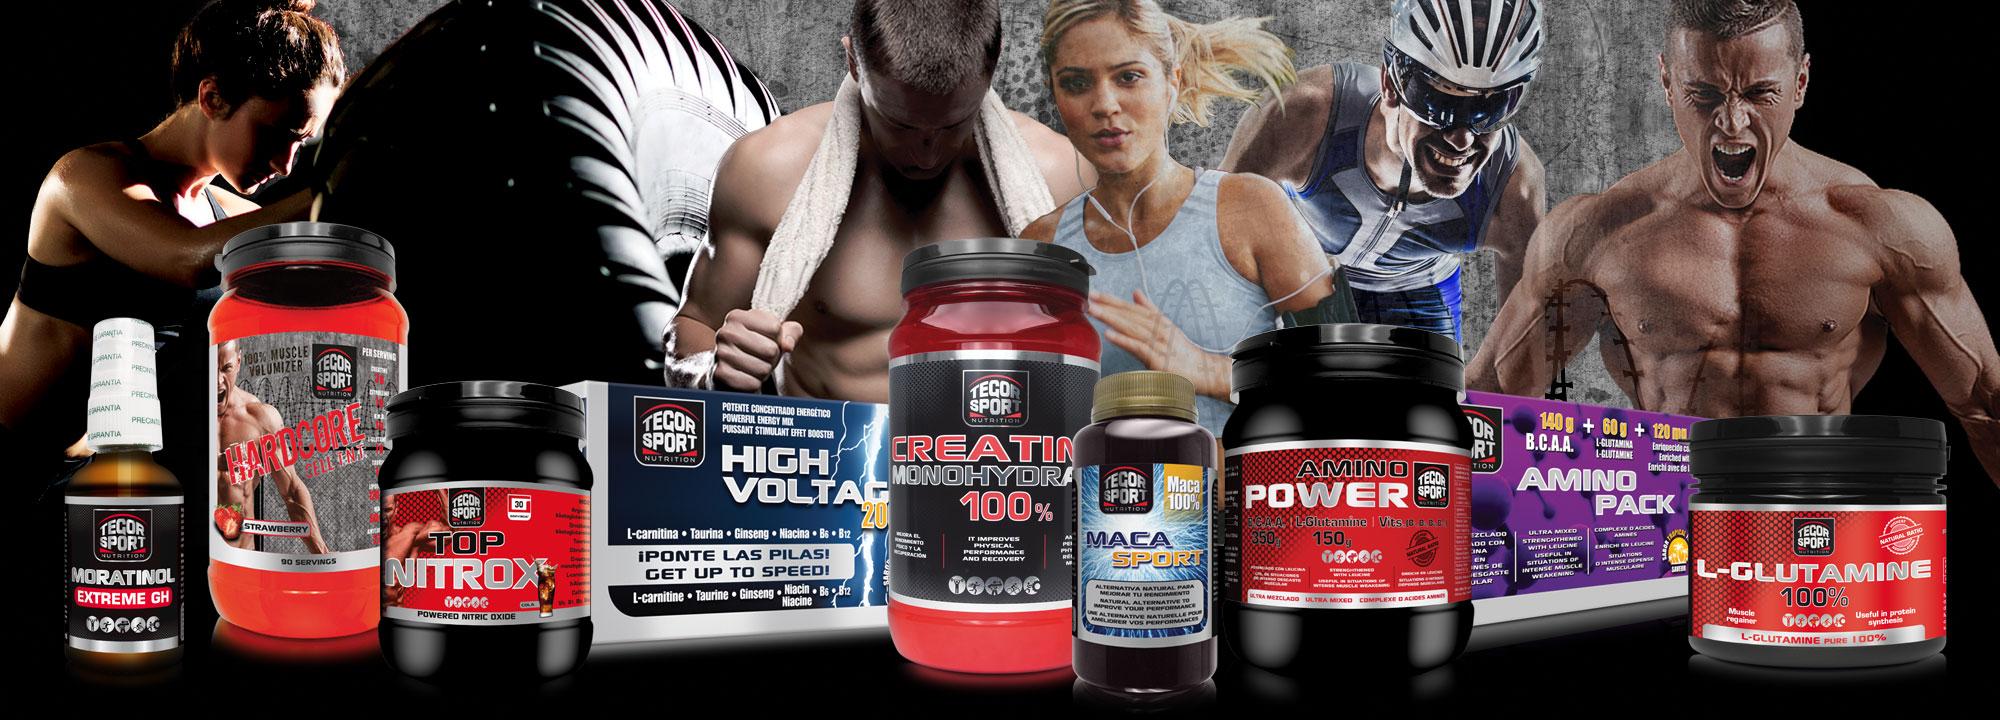 Bodegón de productos de Tegor Sport con deportistas de fondo